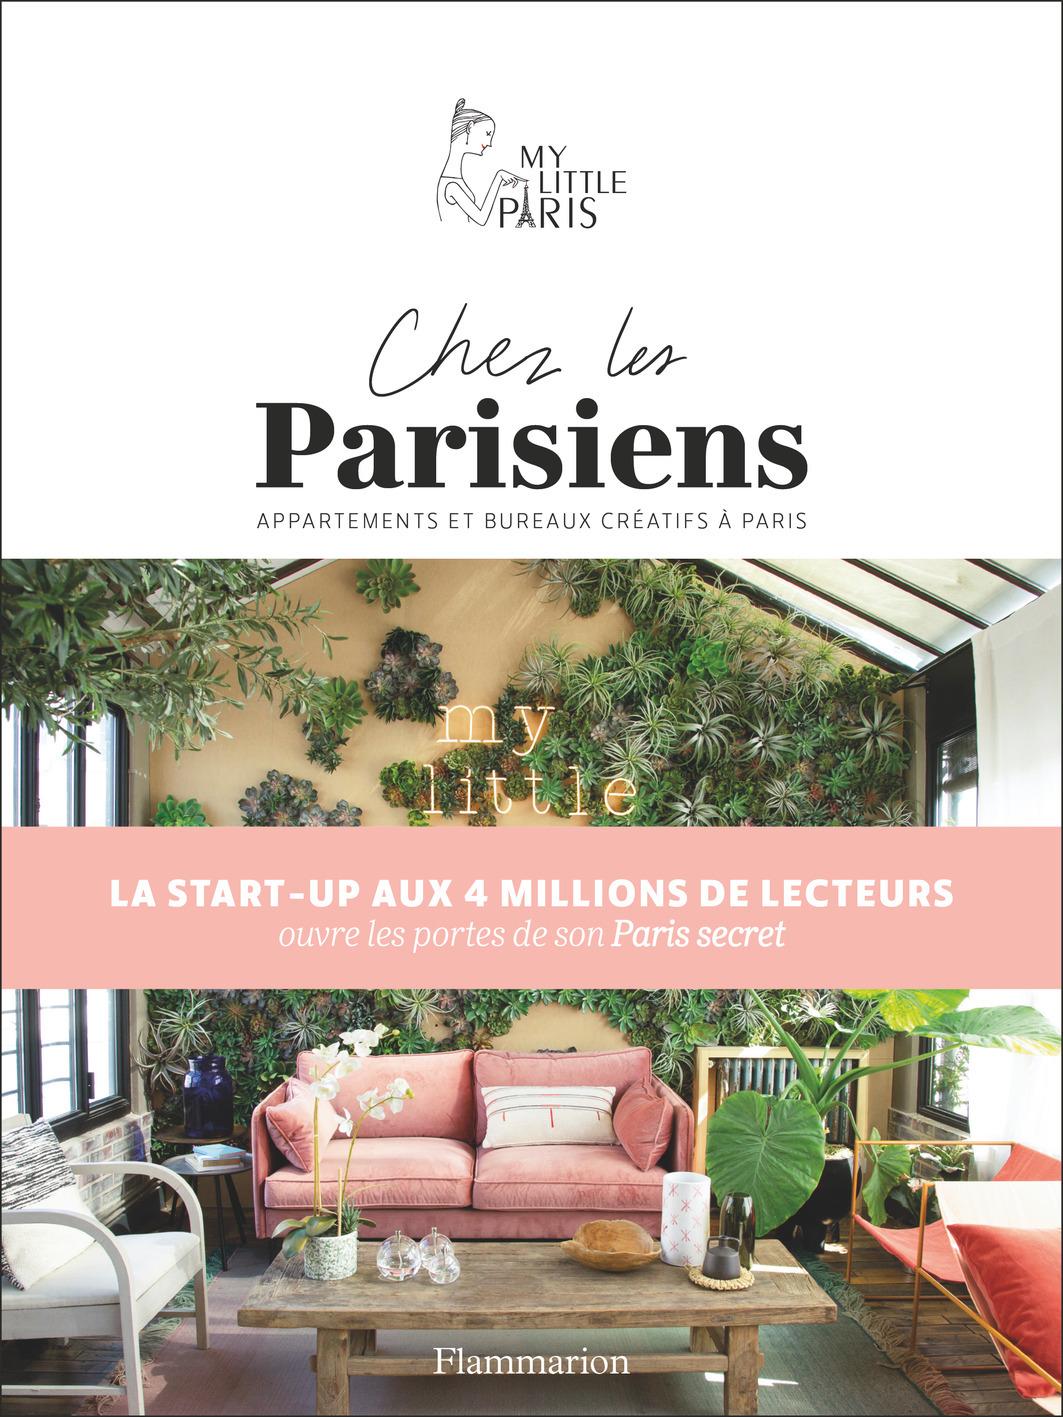 CHEZ LES PARISIENS - APPARTEMENTS ET BUREAUX CREATIFS A PARIS